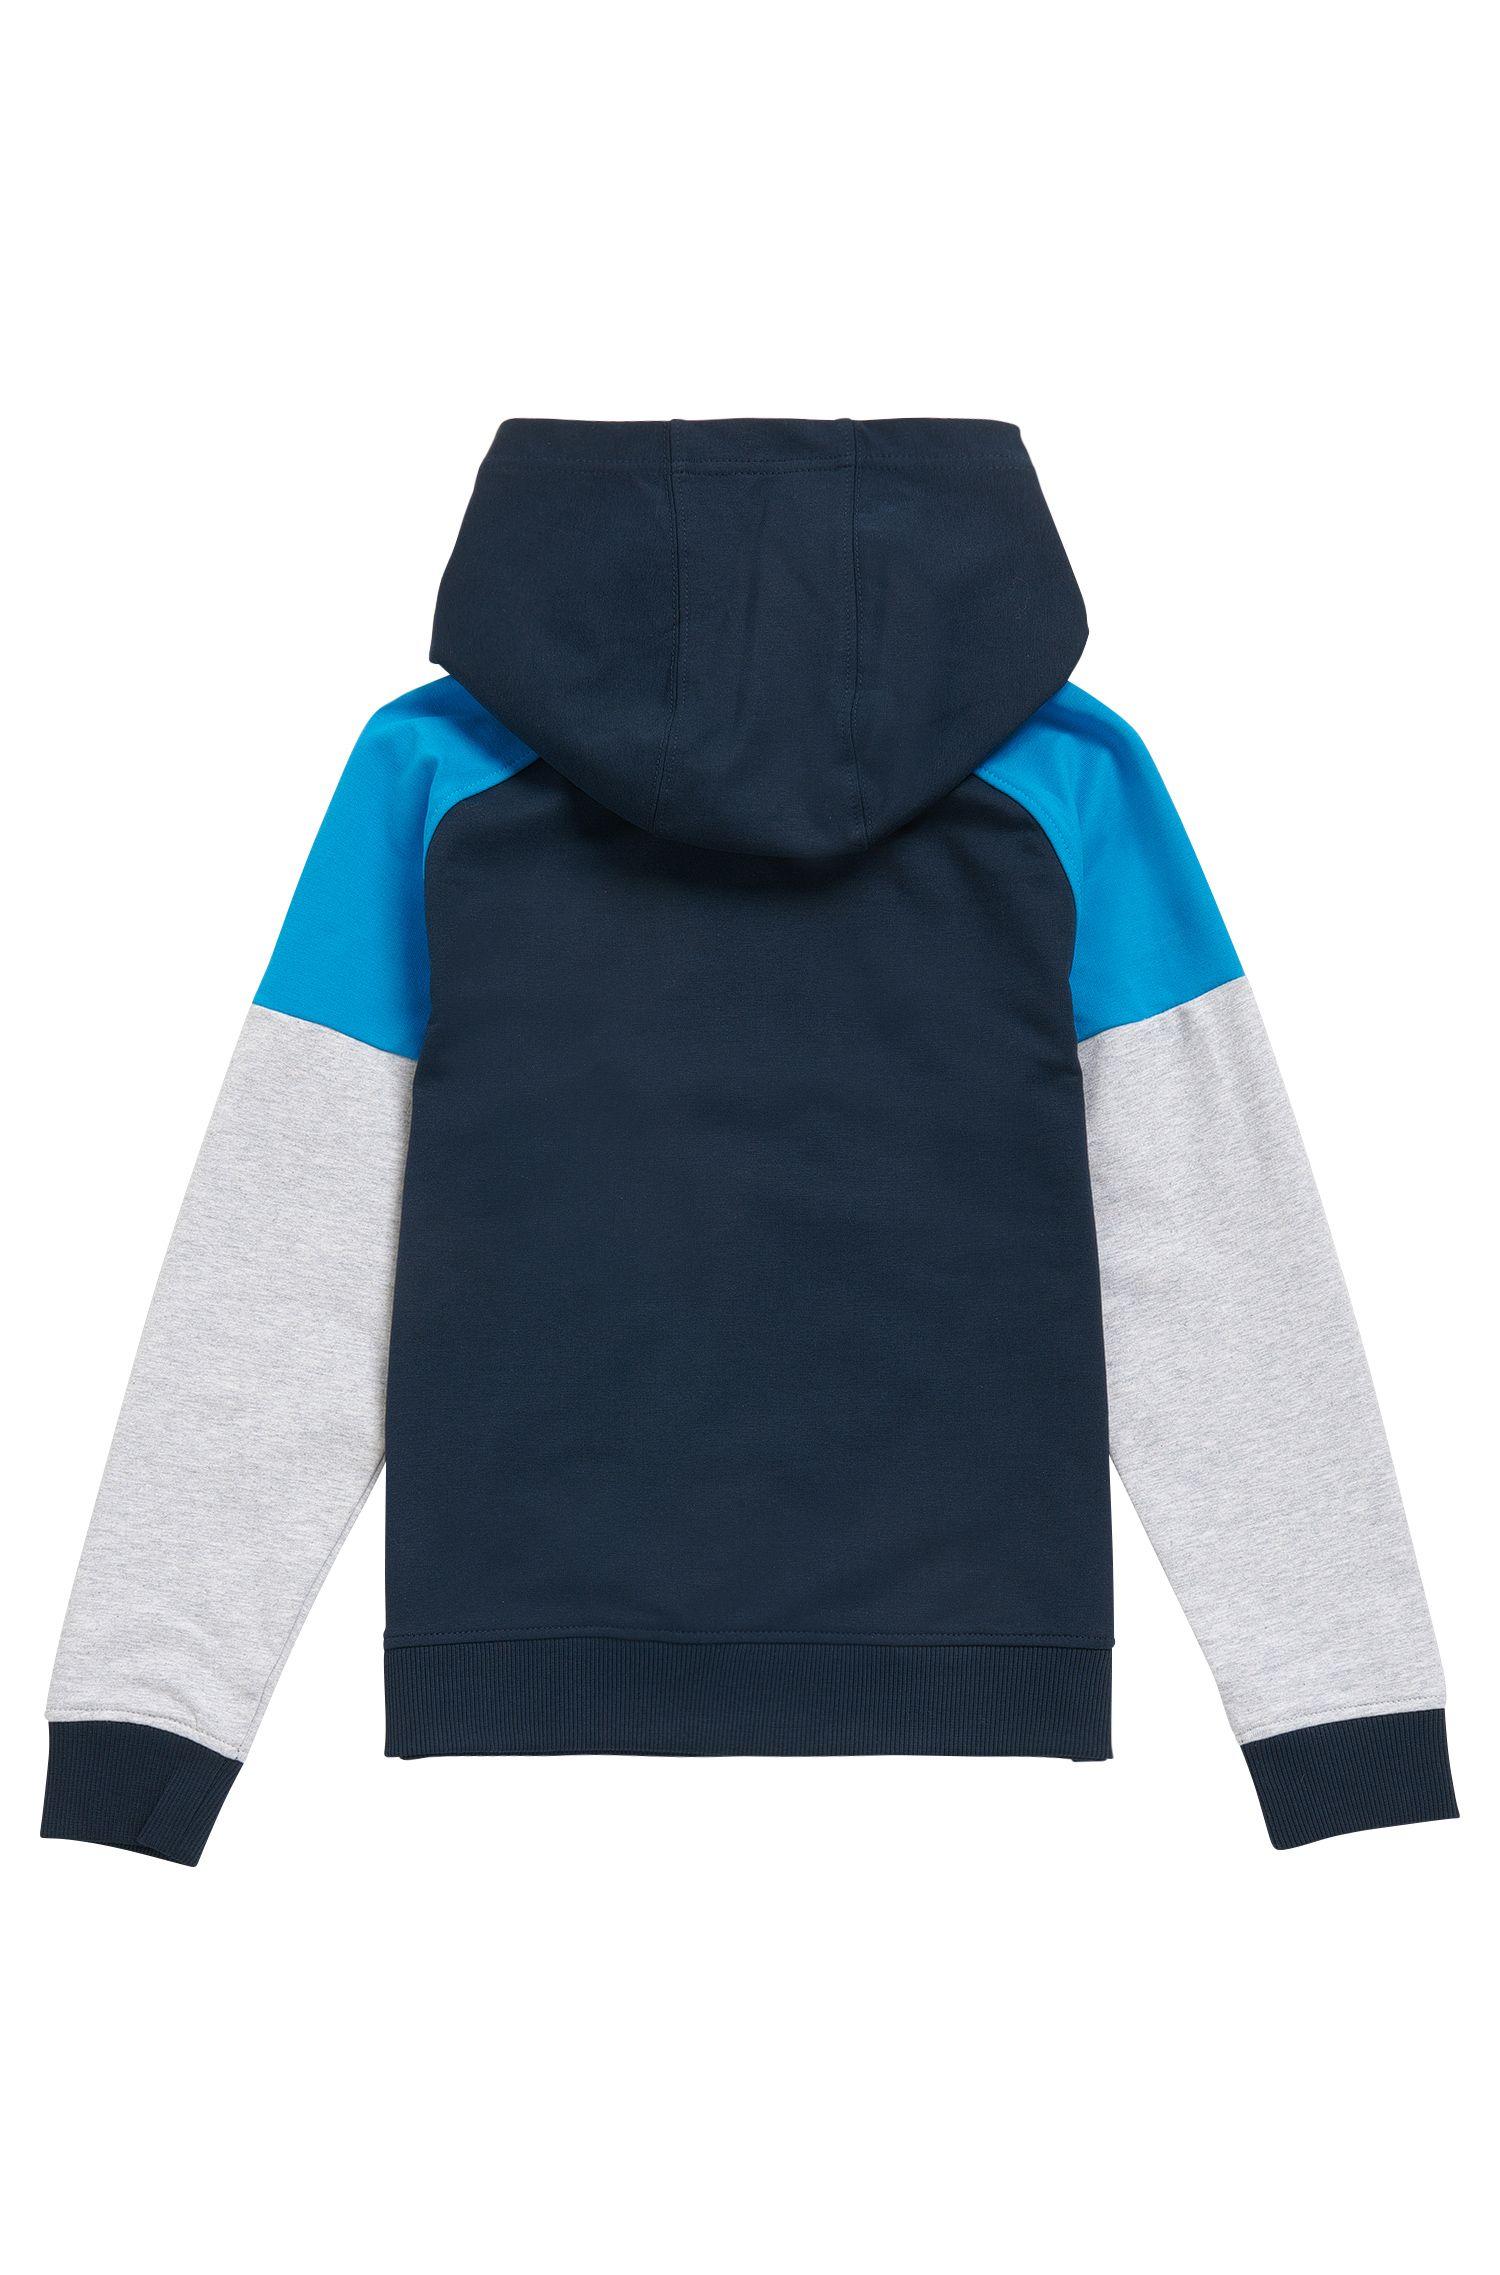 Kindersweatshirt van stretchkatoen met capuchon: 'J25961'